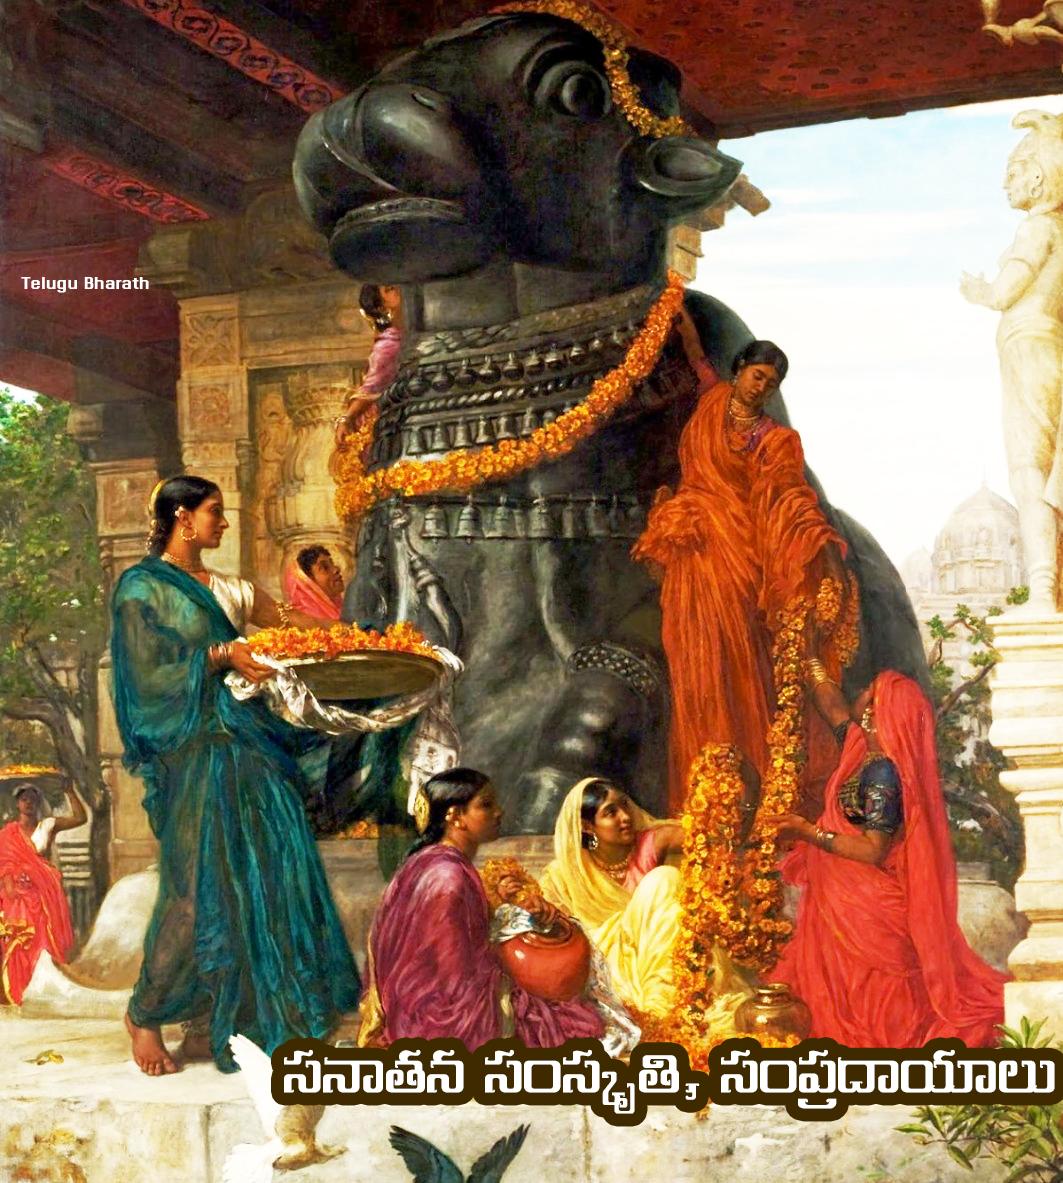 సనాతన సంస్కృతి.. సంప్రదాయాలు - ఆశ్చర్య పరిచే నిజాలు - Sanatana Sampradayalu